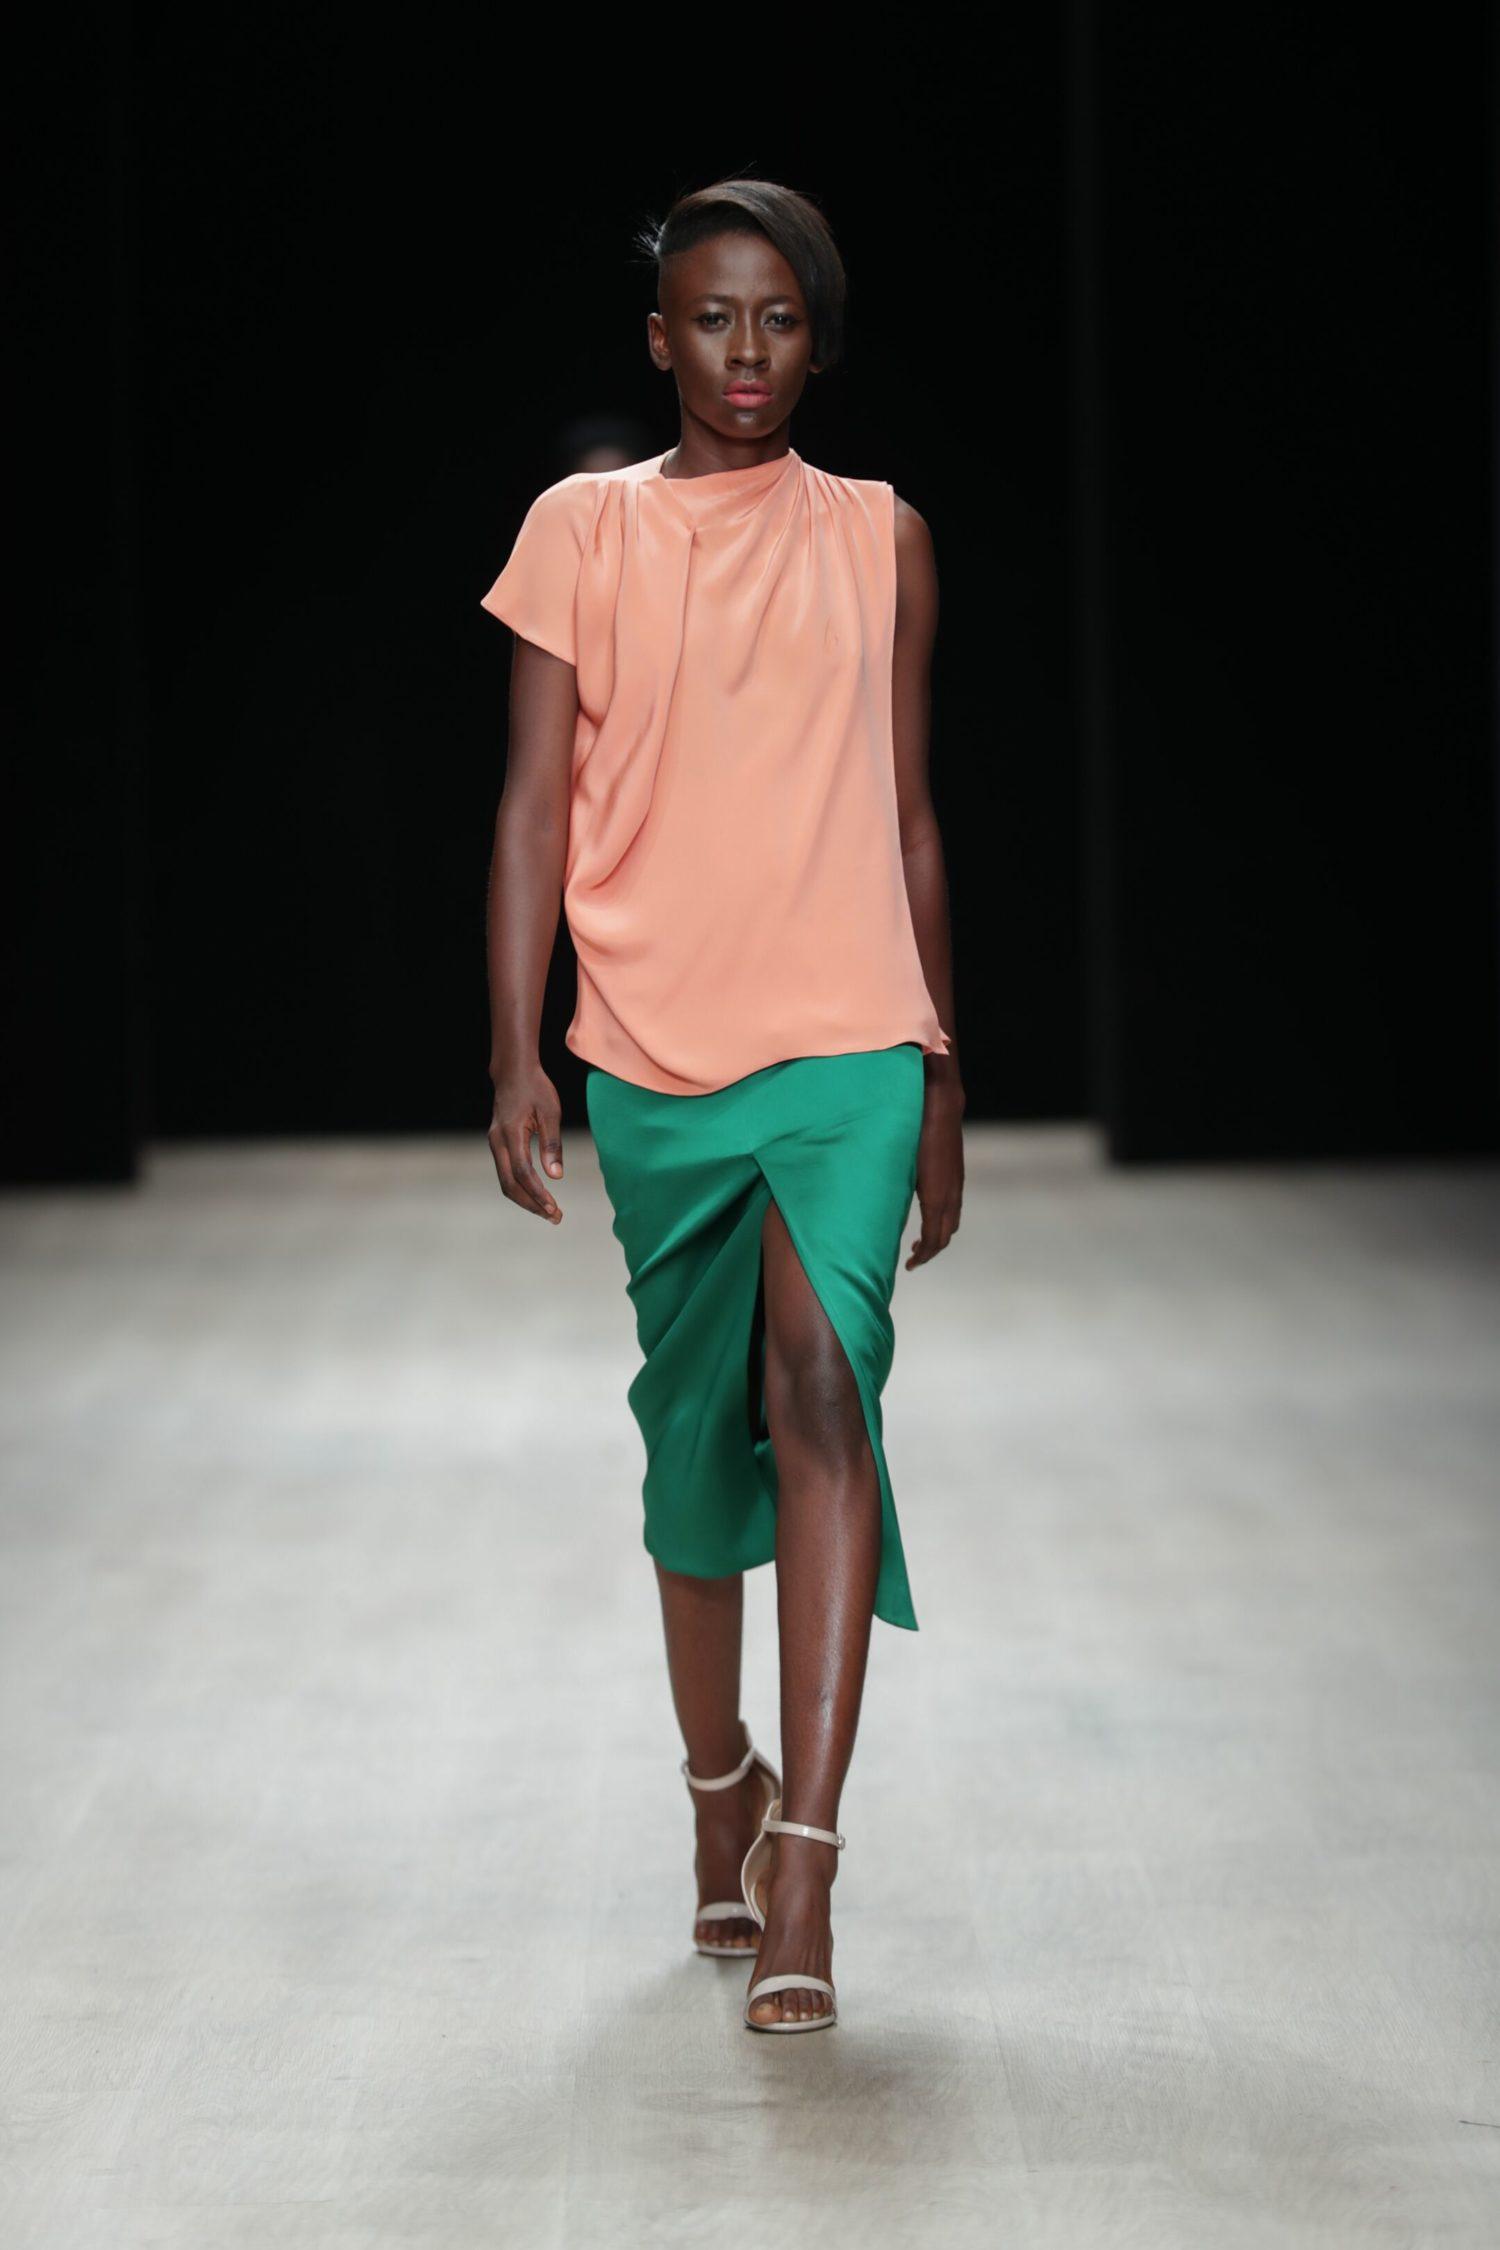 ARISE Fashion Week 2019 | Bridget Awosika